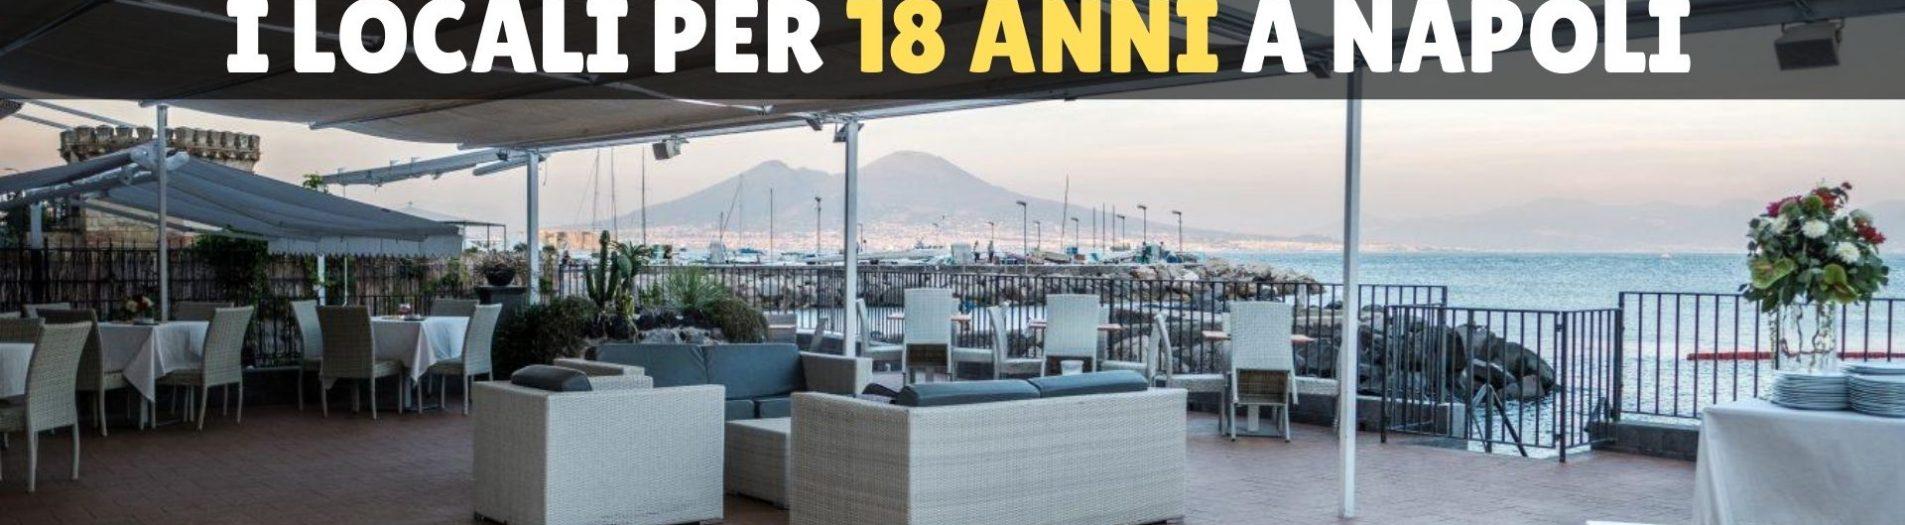 I 15 migliori locali per una festa di 18 anni a Napoli